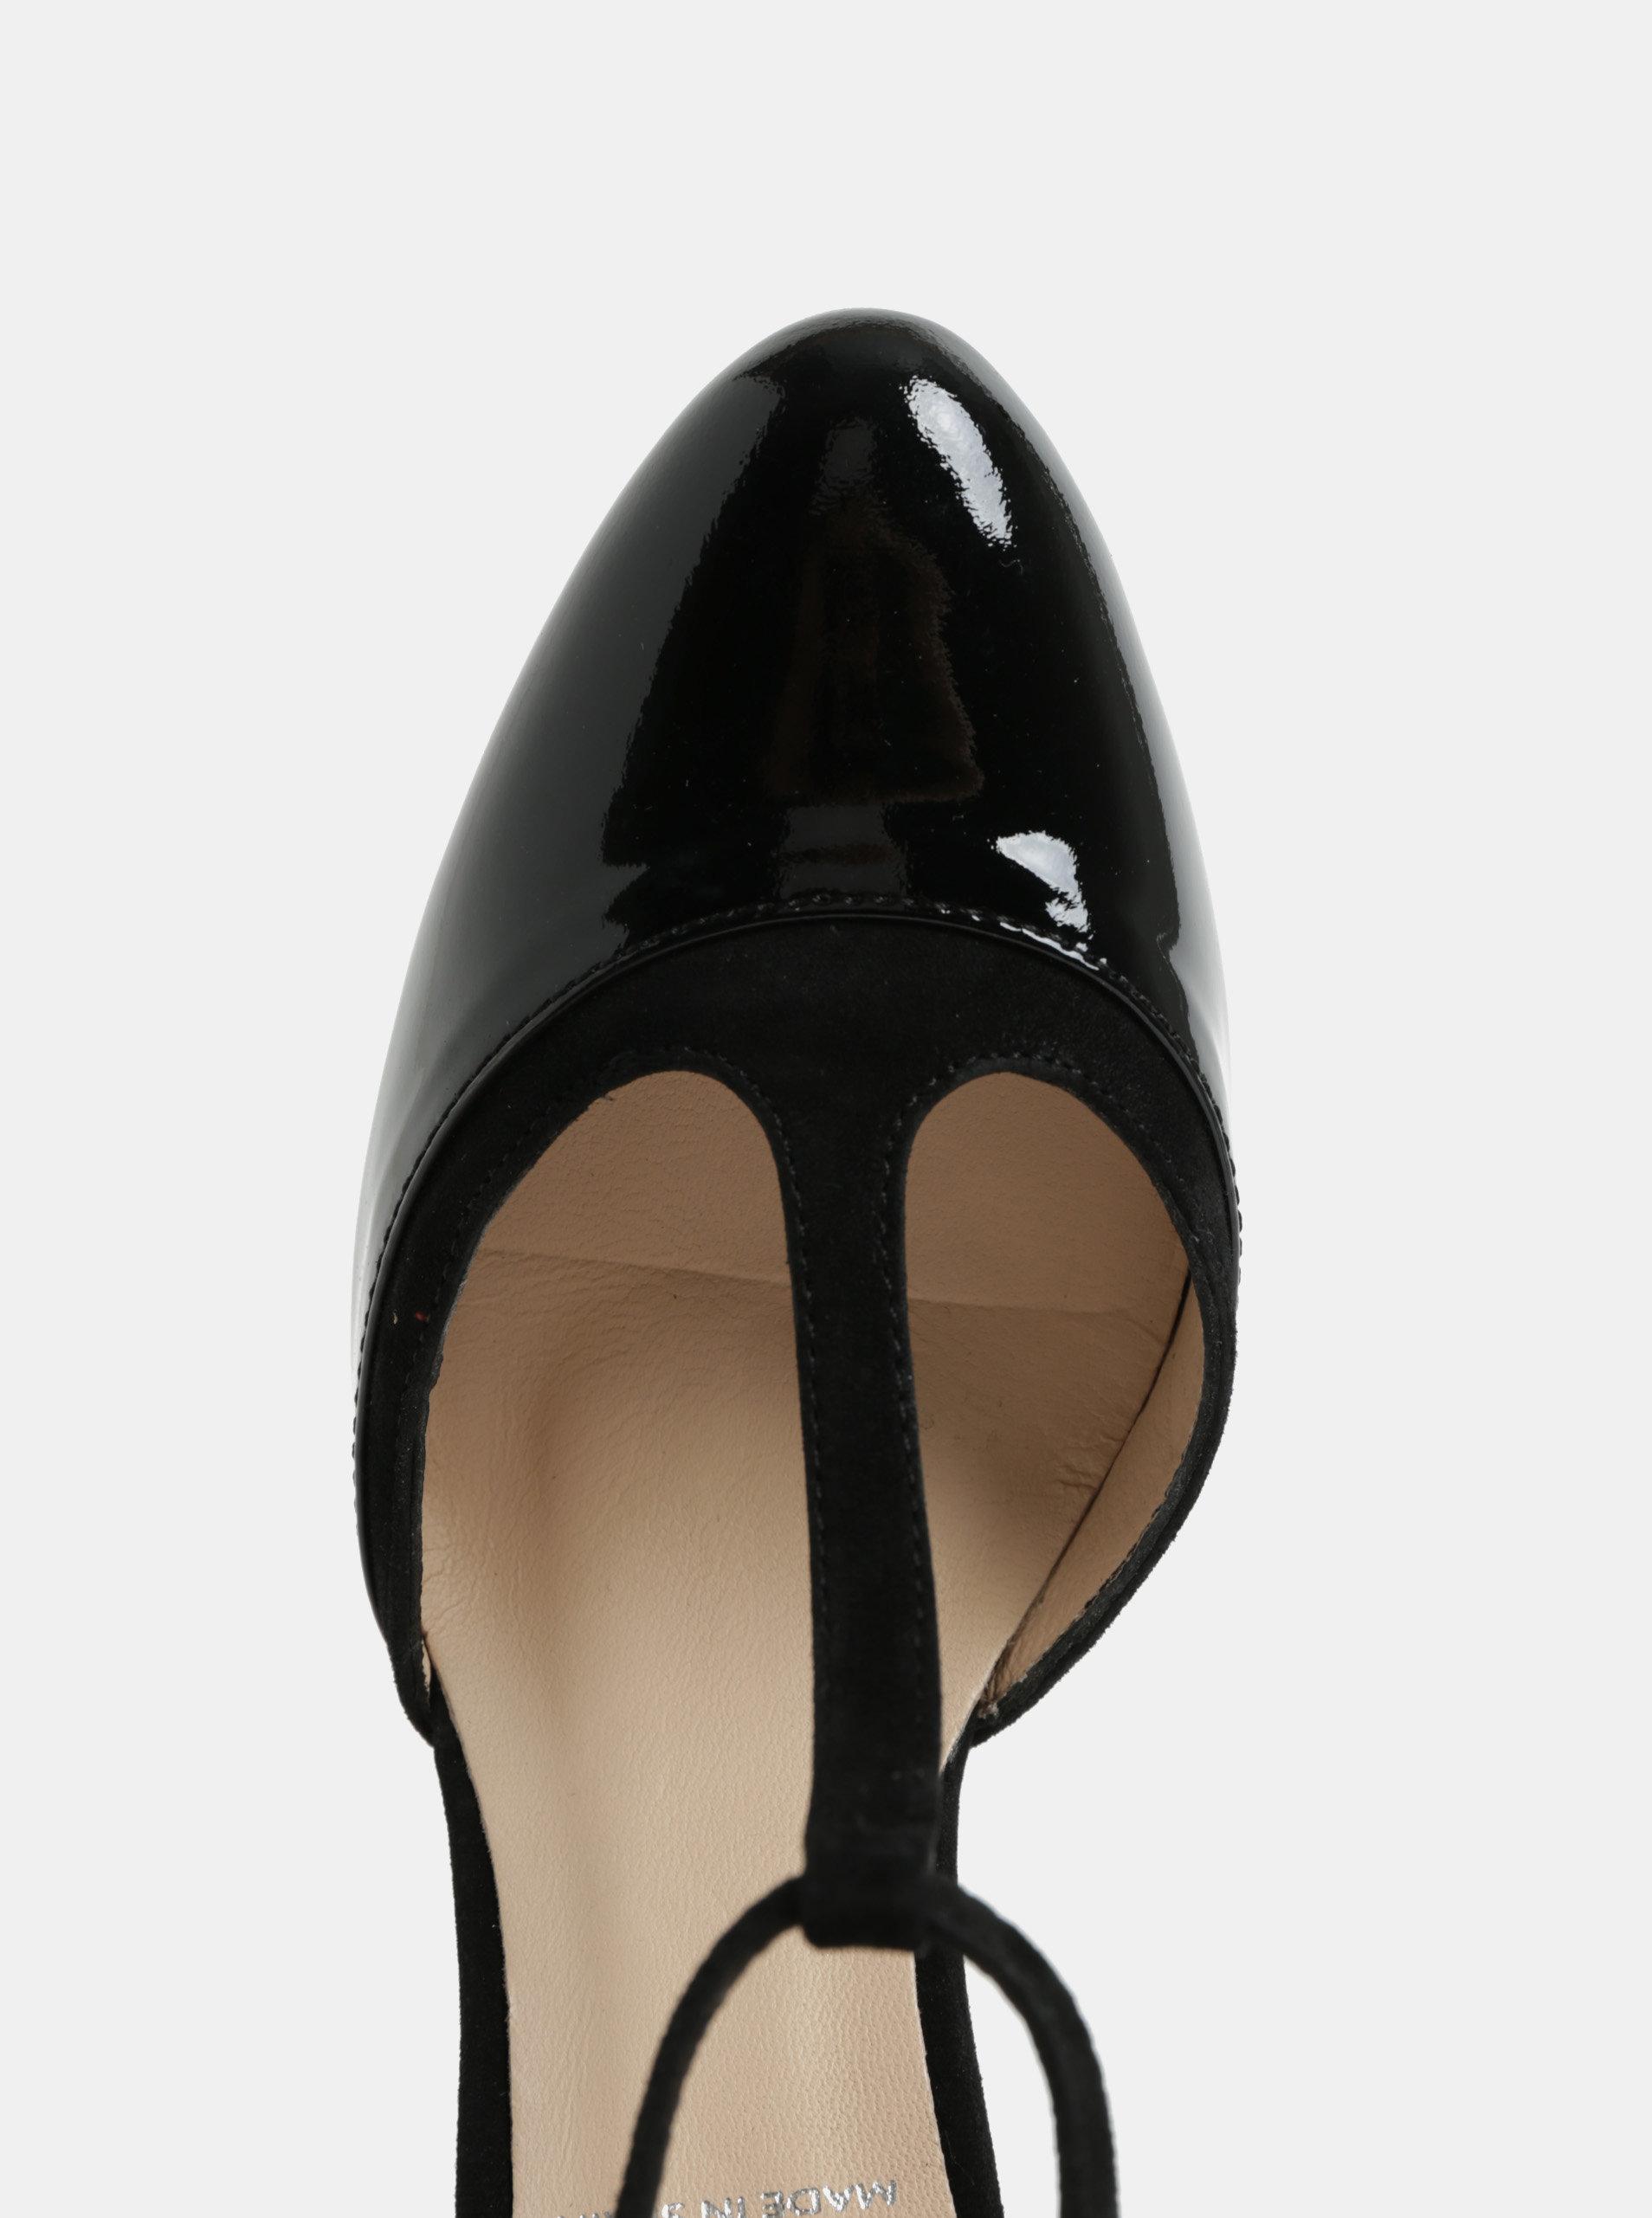 Černé kožené lesklé sandálky na podpatku OJJU - Akční cena ... 27b79185e2